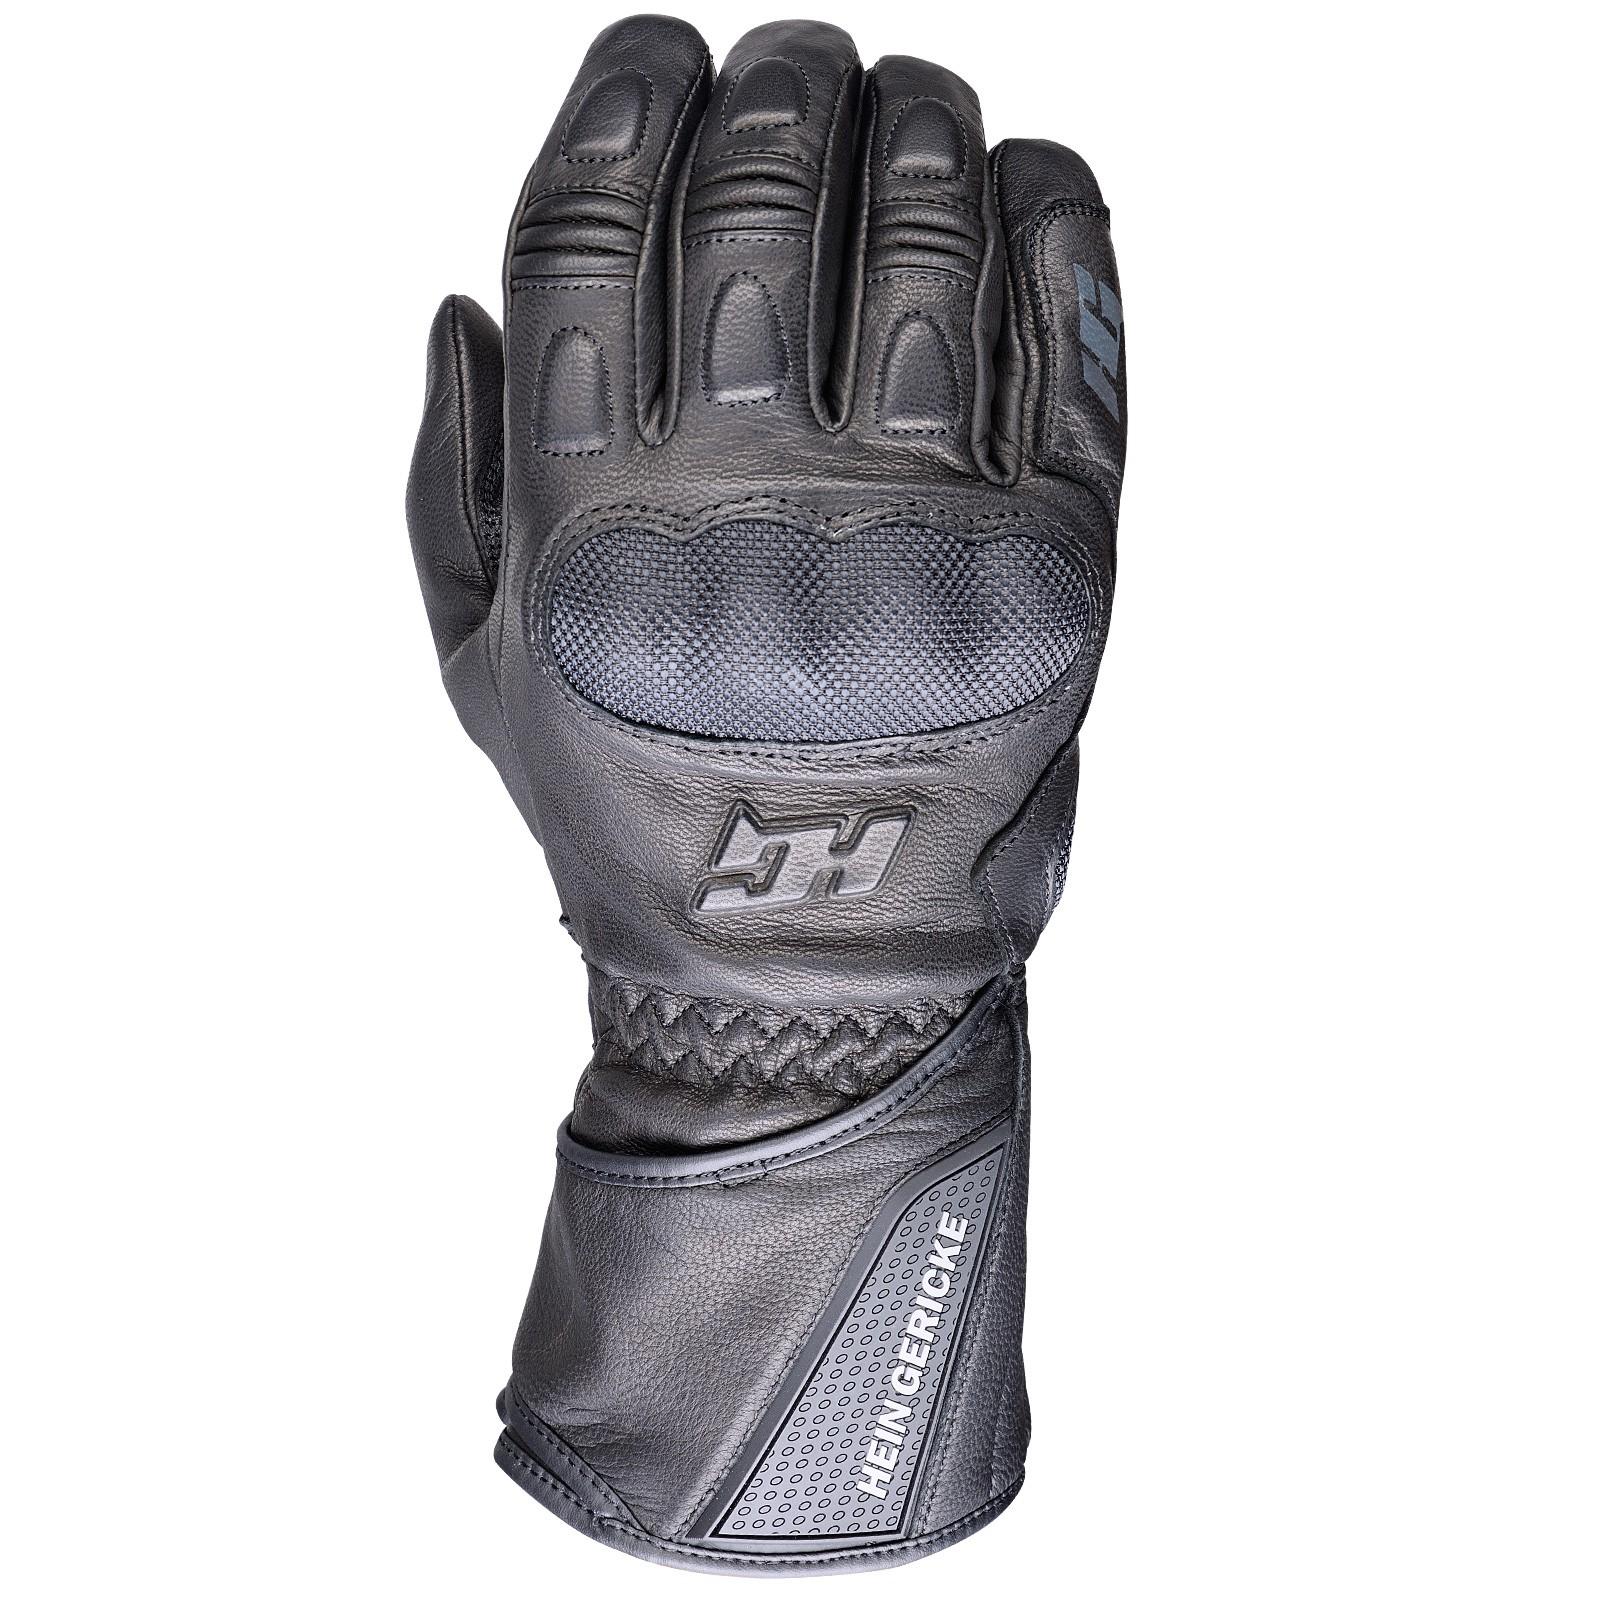 Hein Gericke Sill sheltex Handschuh für 104€ @ HG ab 20 Uhr